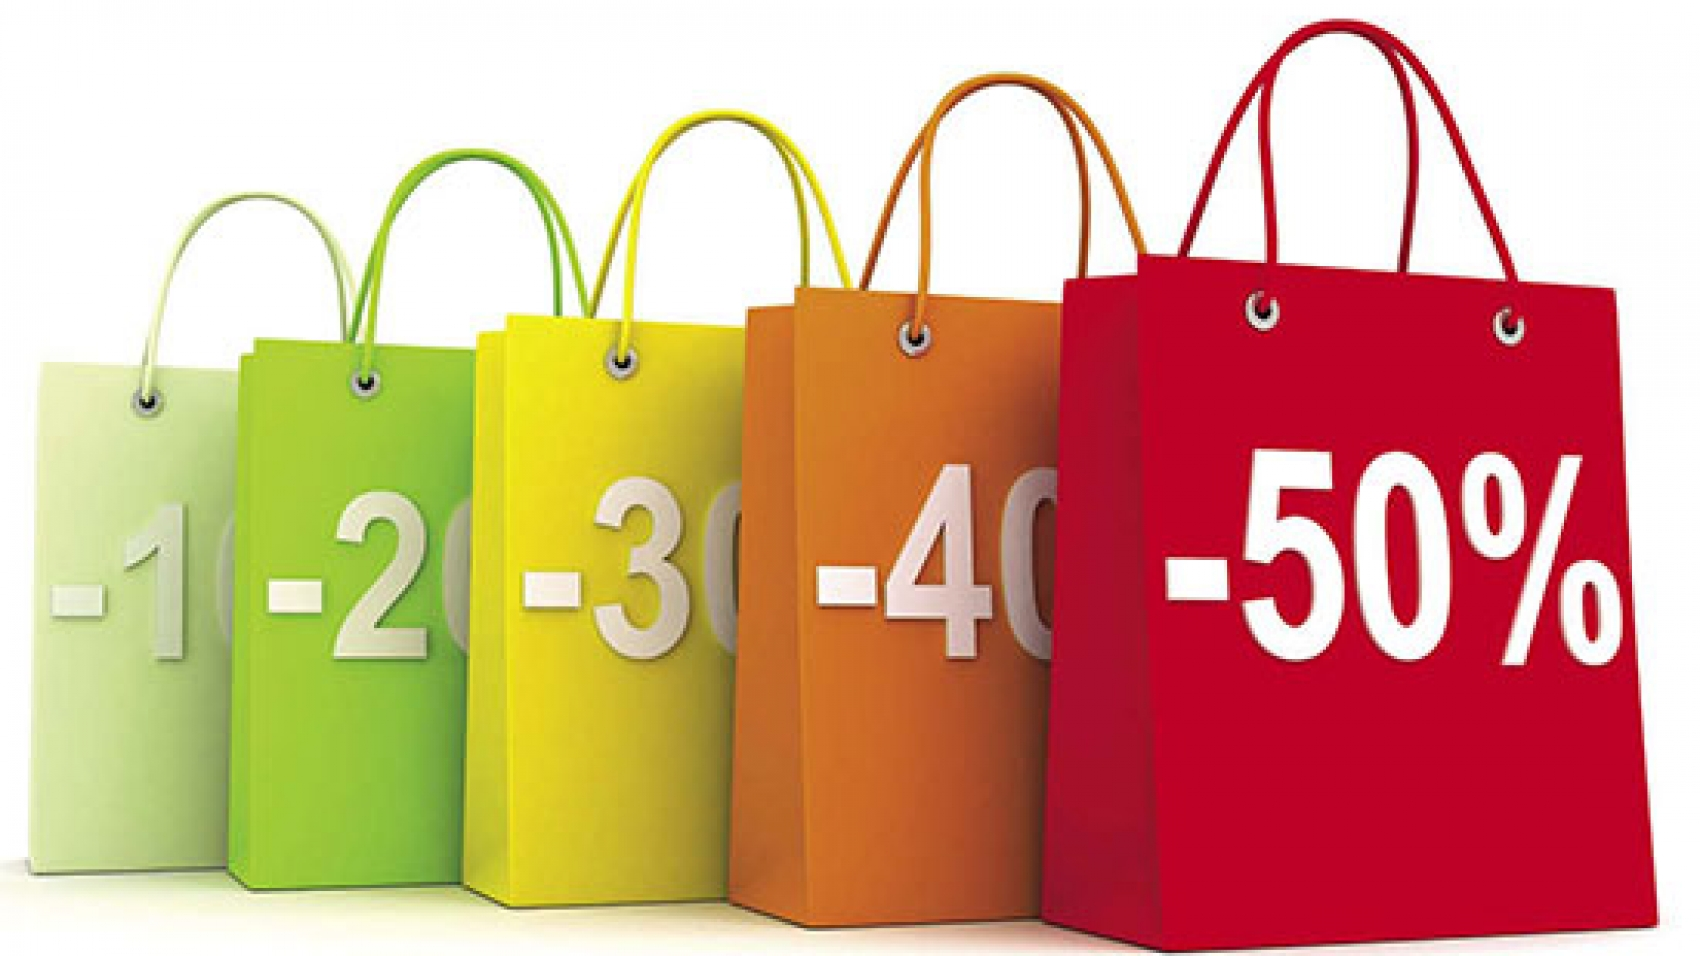 تخفیف گروهی یا Group discounts چیست